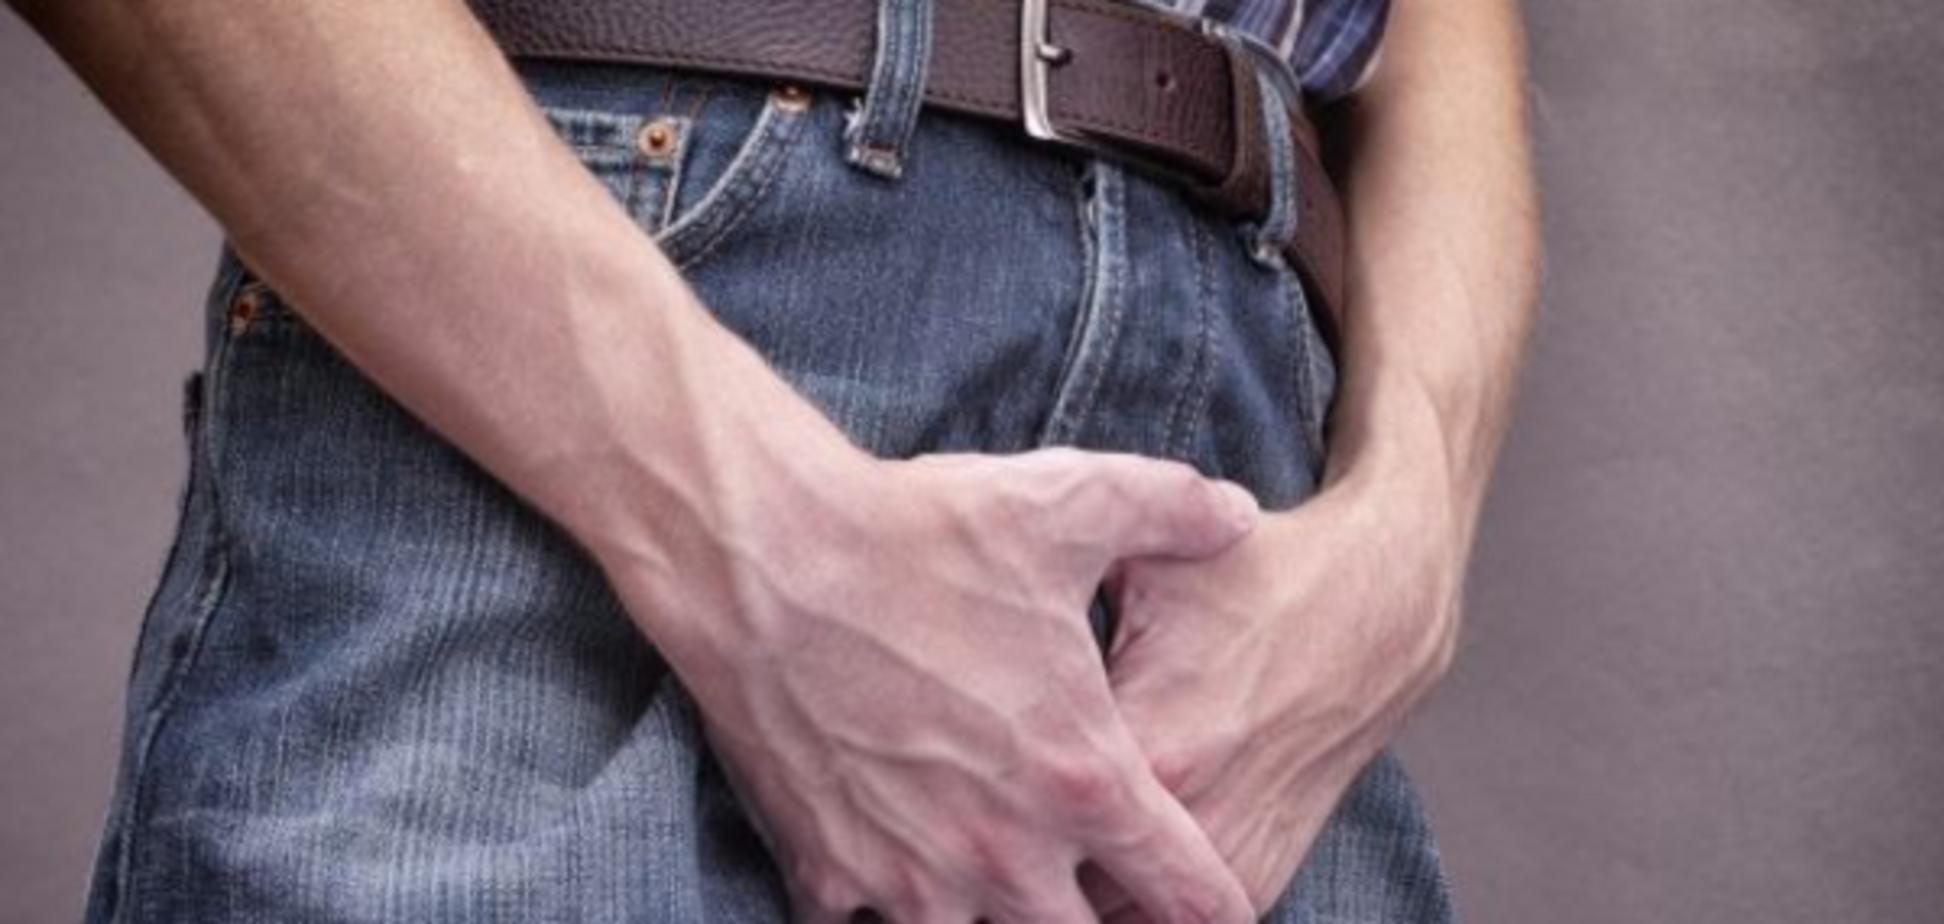 Обережно, гонорея: як лікувати і не хворіти